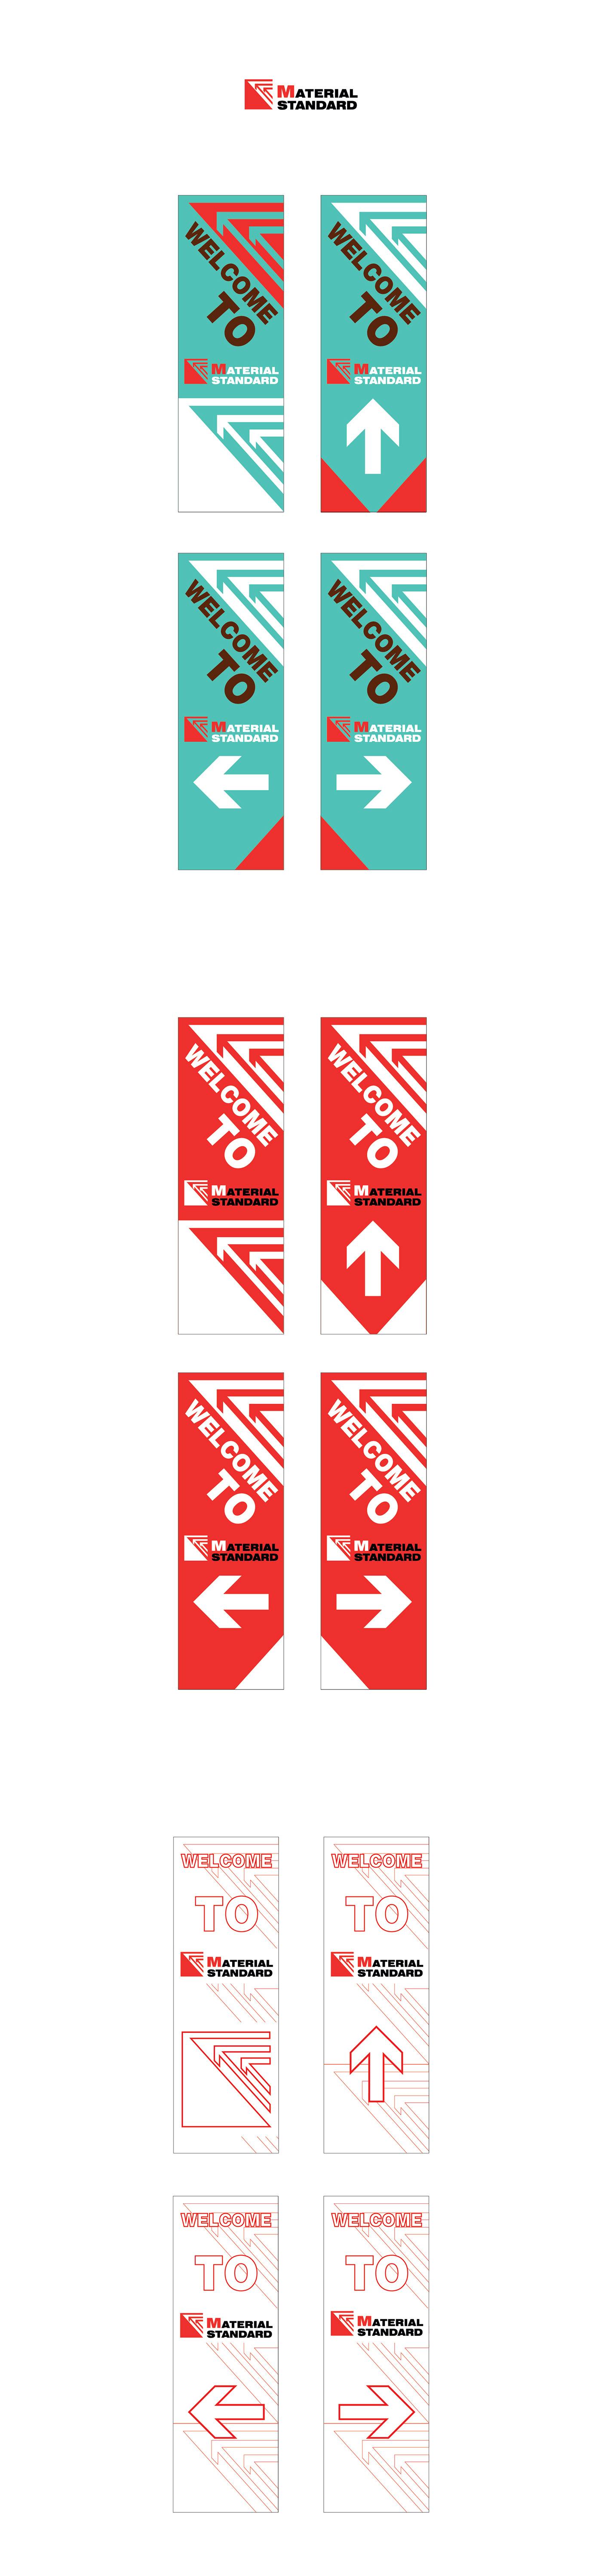 高質感的17張歡迎海報範本設計欣賞